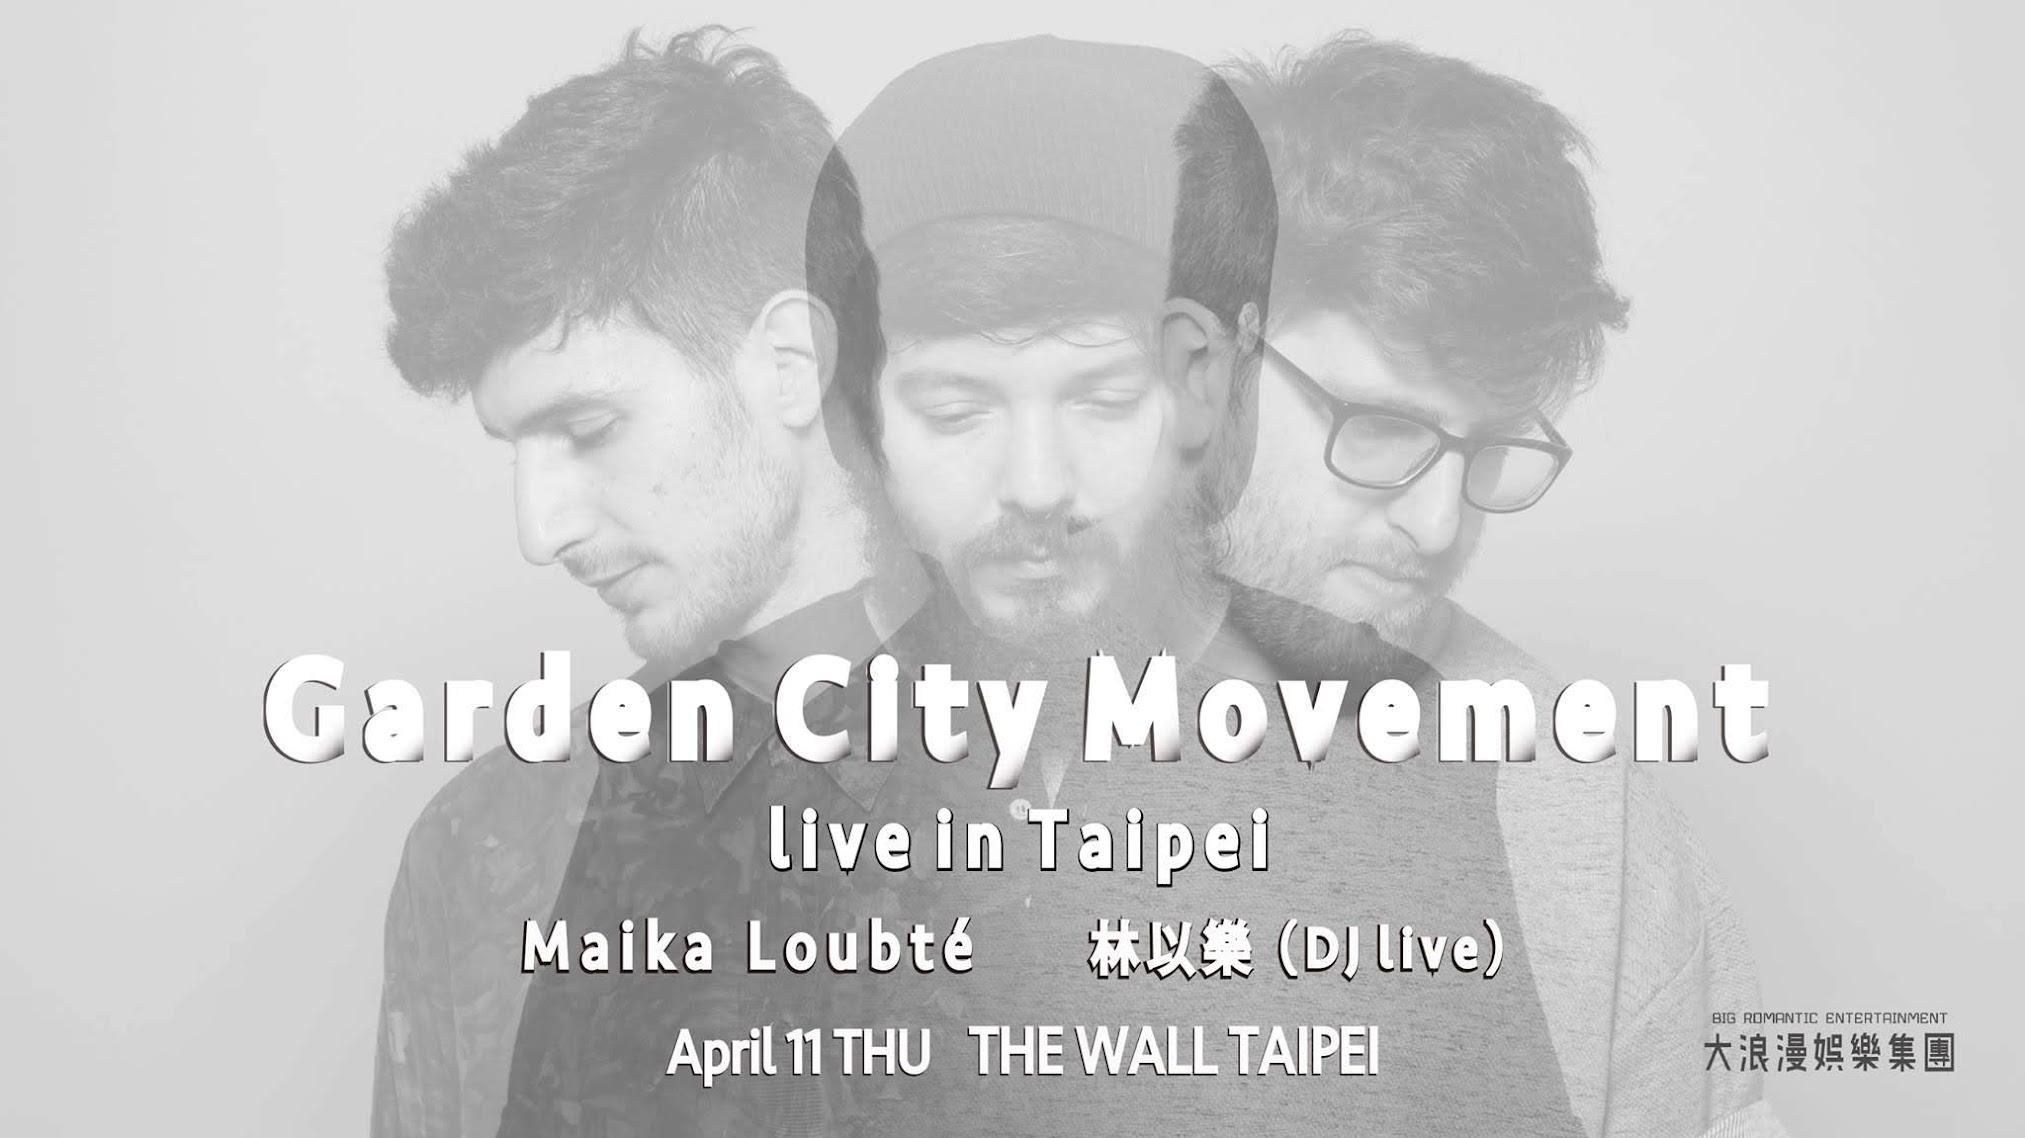 [演唱會情報] 以色列新世代電子 Neo-Soul 樂團  Garden City Movement 首次來台